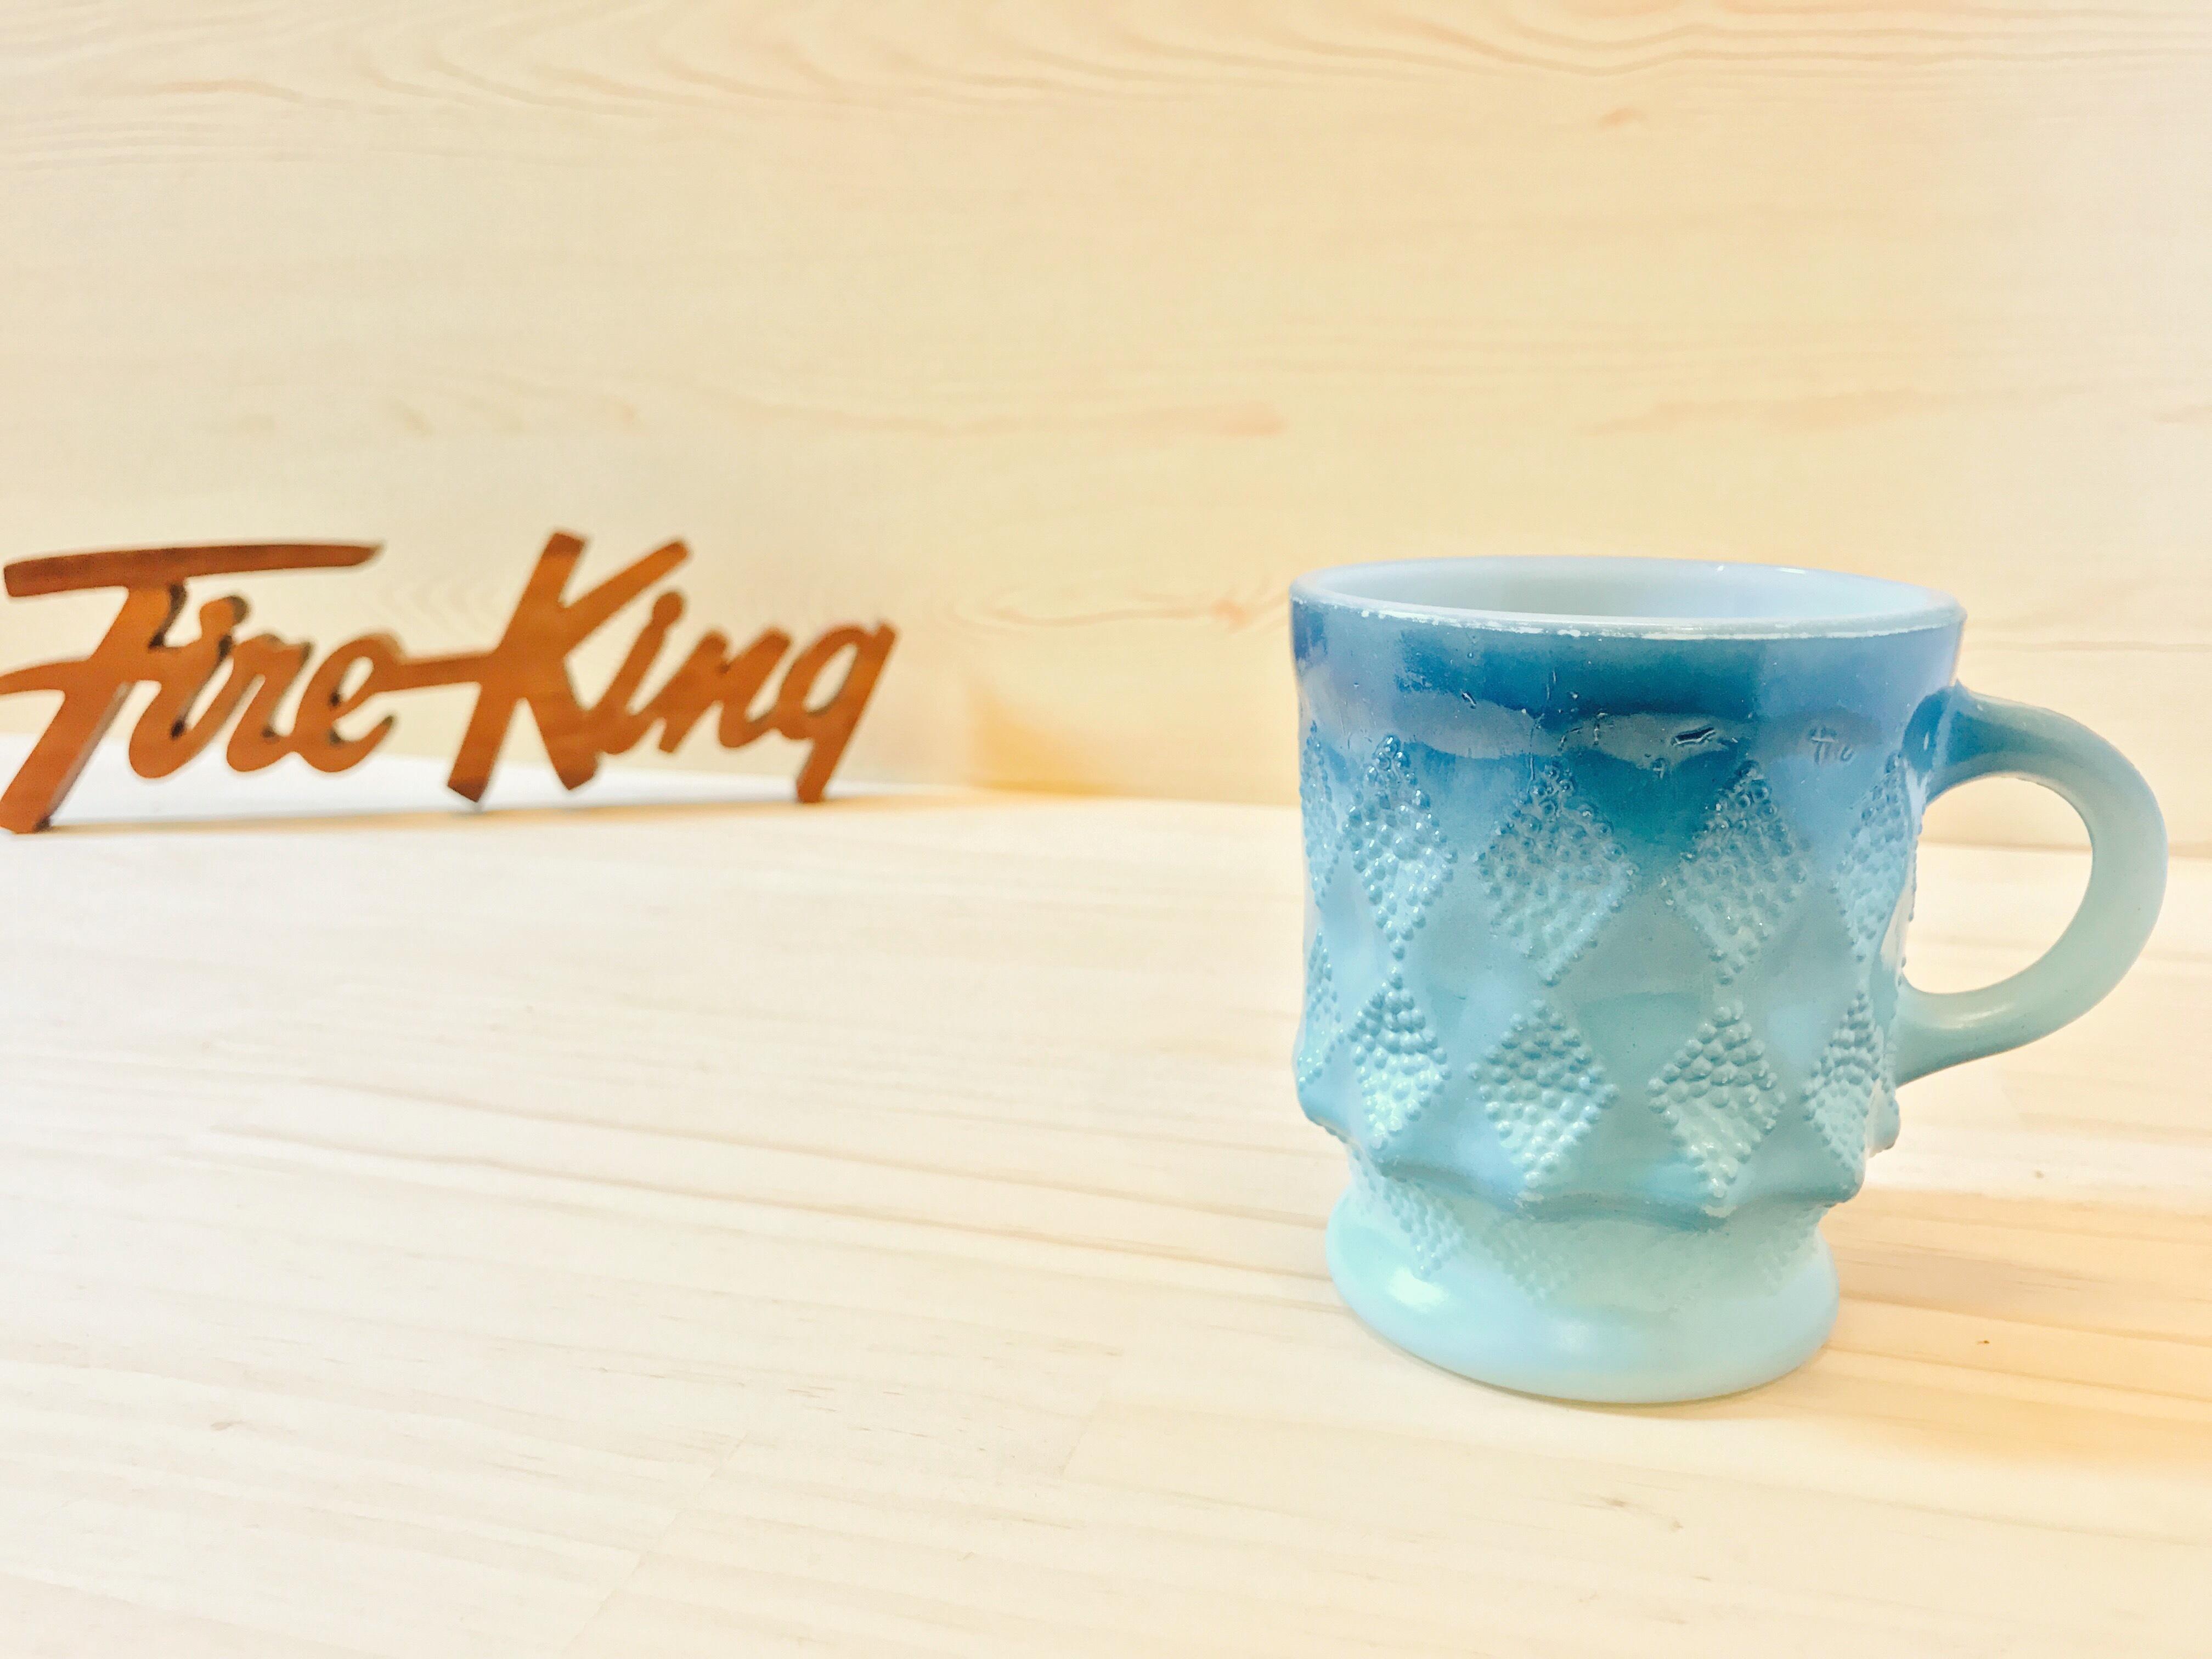 """[Fire King] ダイヤモンドマグ """"キンバリー"""" ブルー・ターコイズ ミルクガラス (識別No.24001)"""